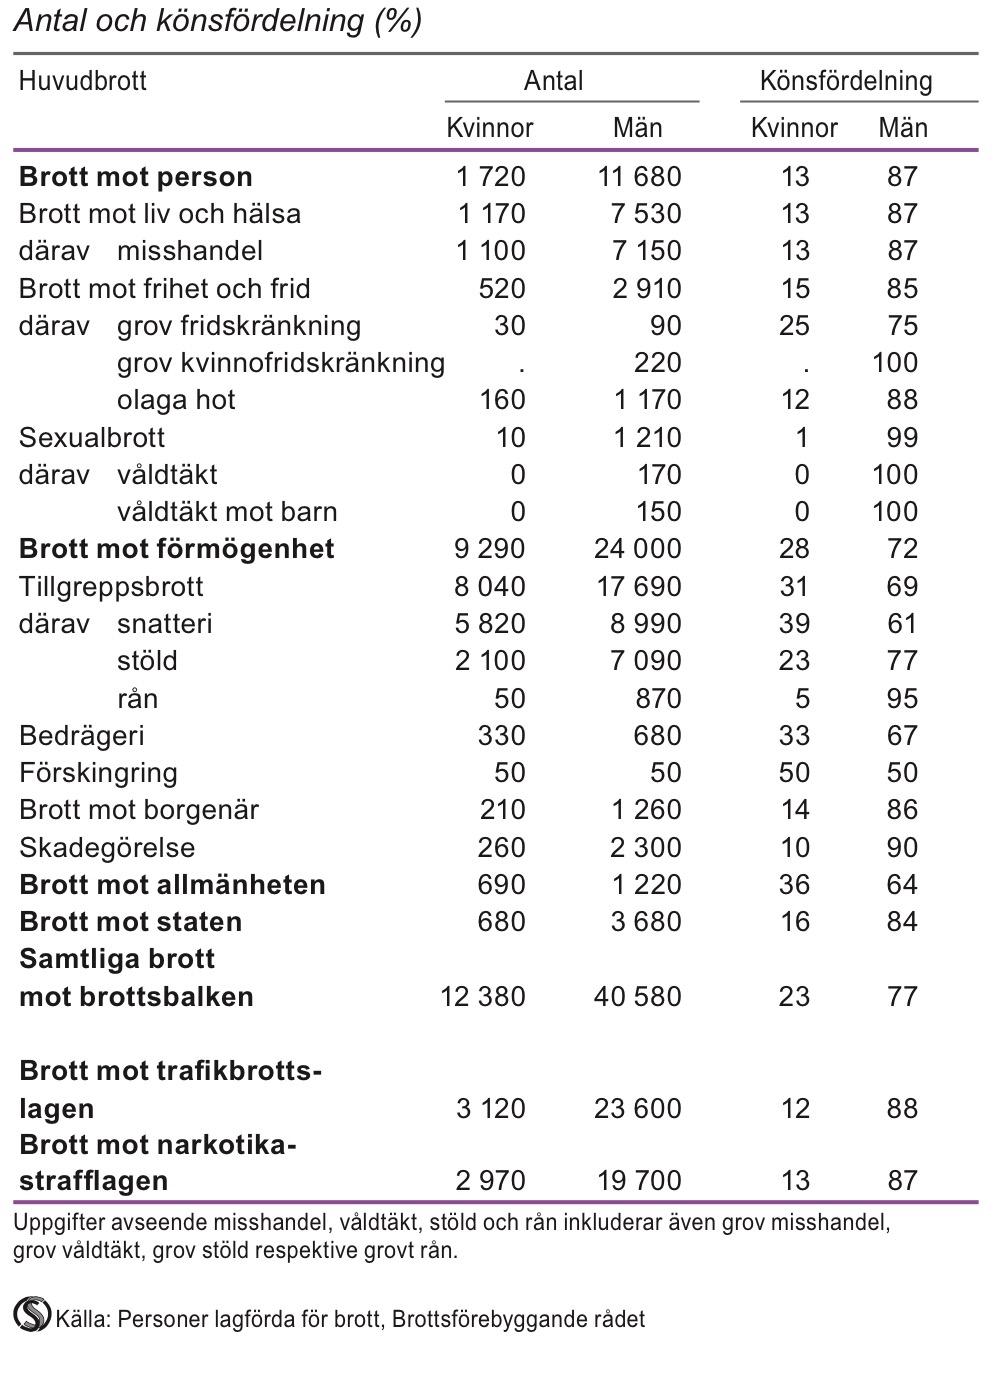 Lagförda för brott mot brottsbalken, trafikbrottslagen och narkotikastrafflagen 2012